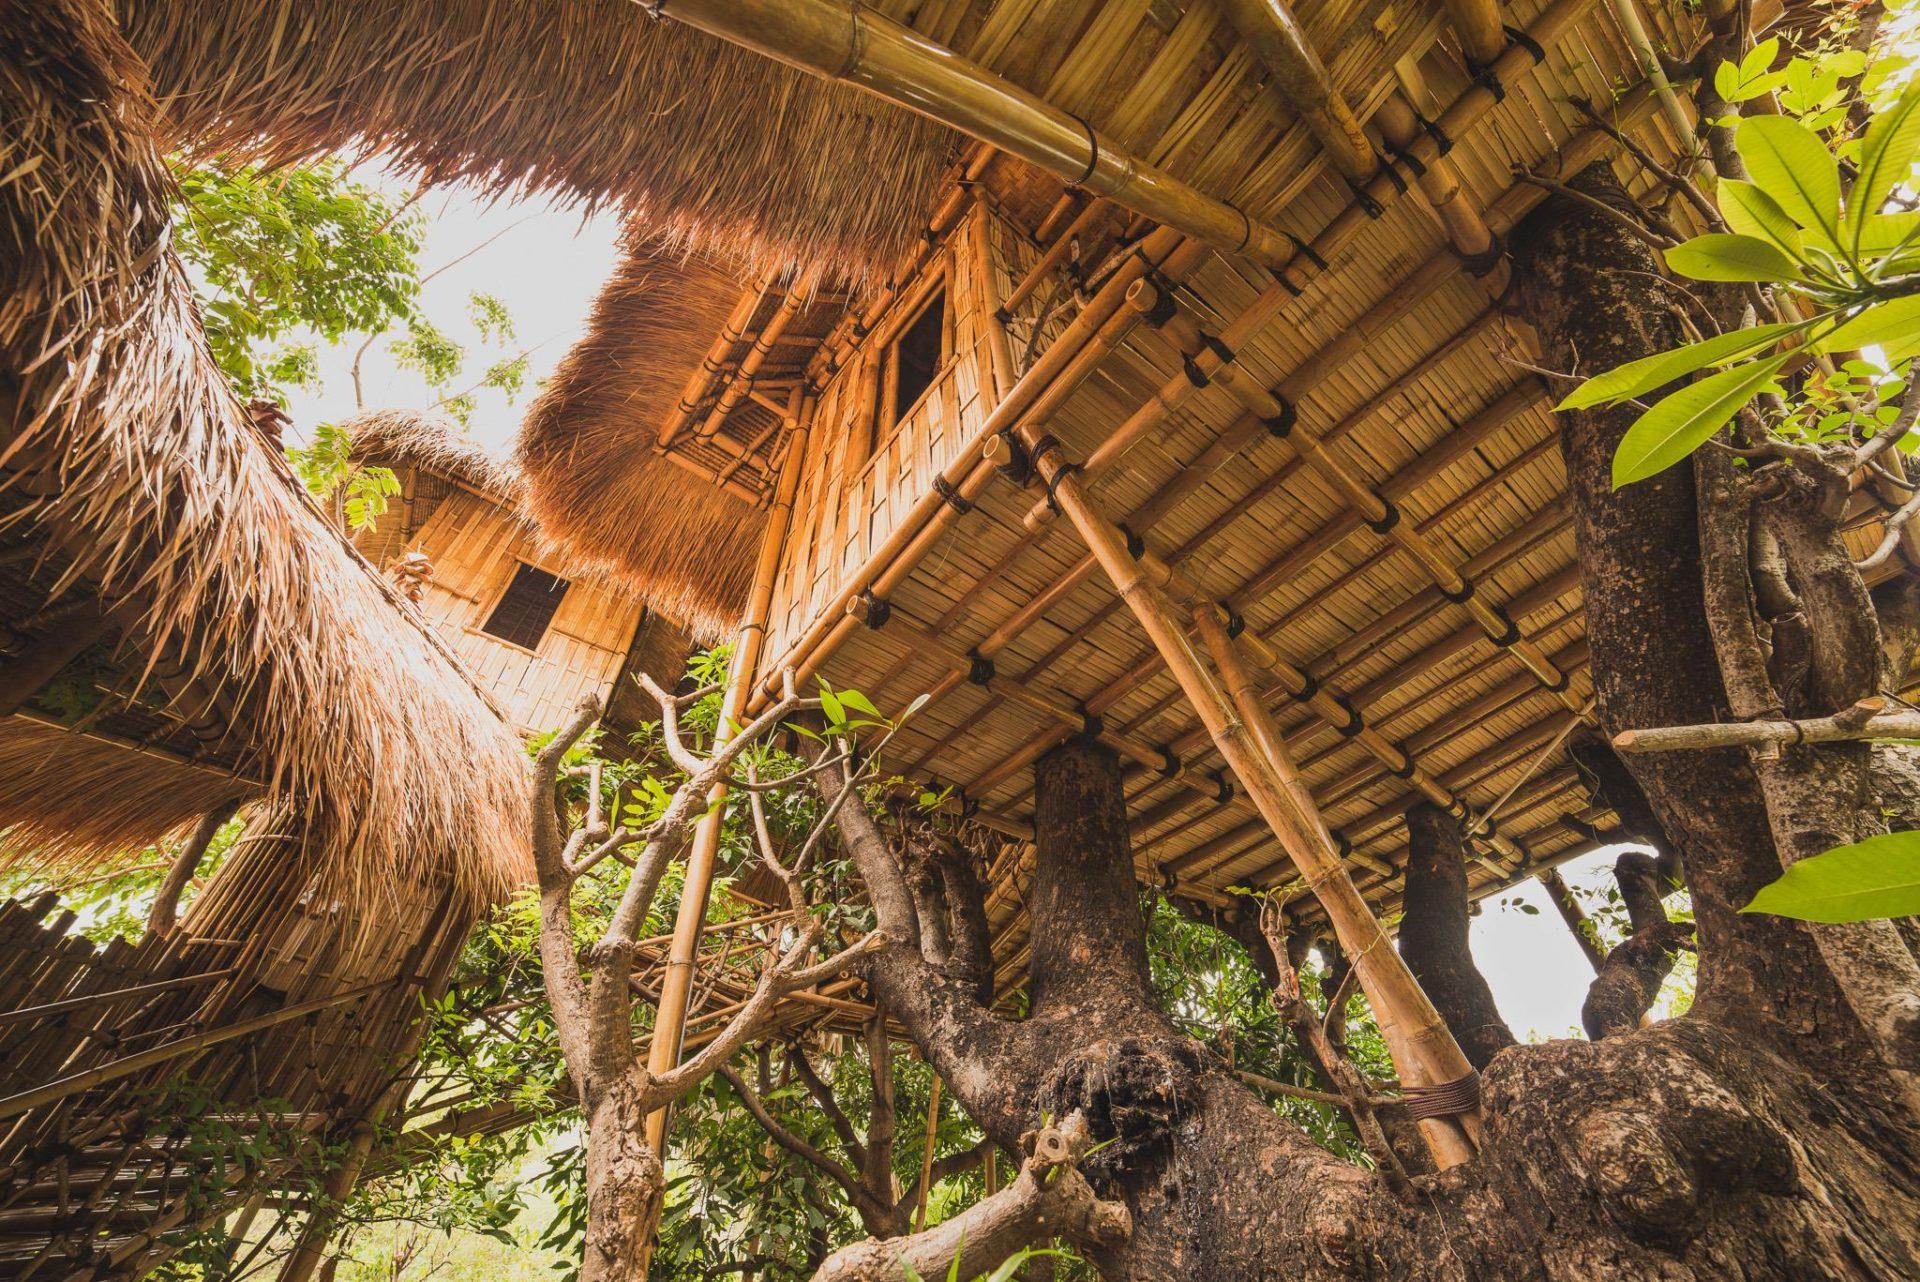 15 Schone Und Aussergewohnliche Unterkunfte Auf Bali Indojunkie